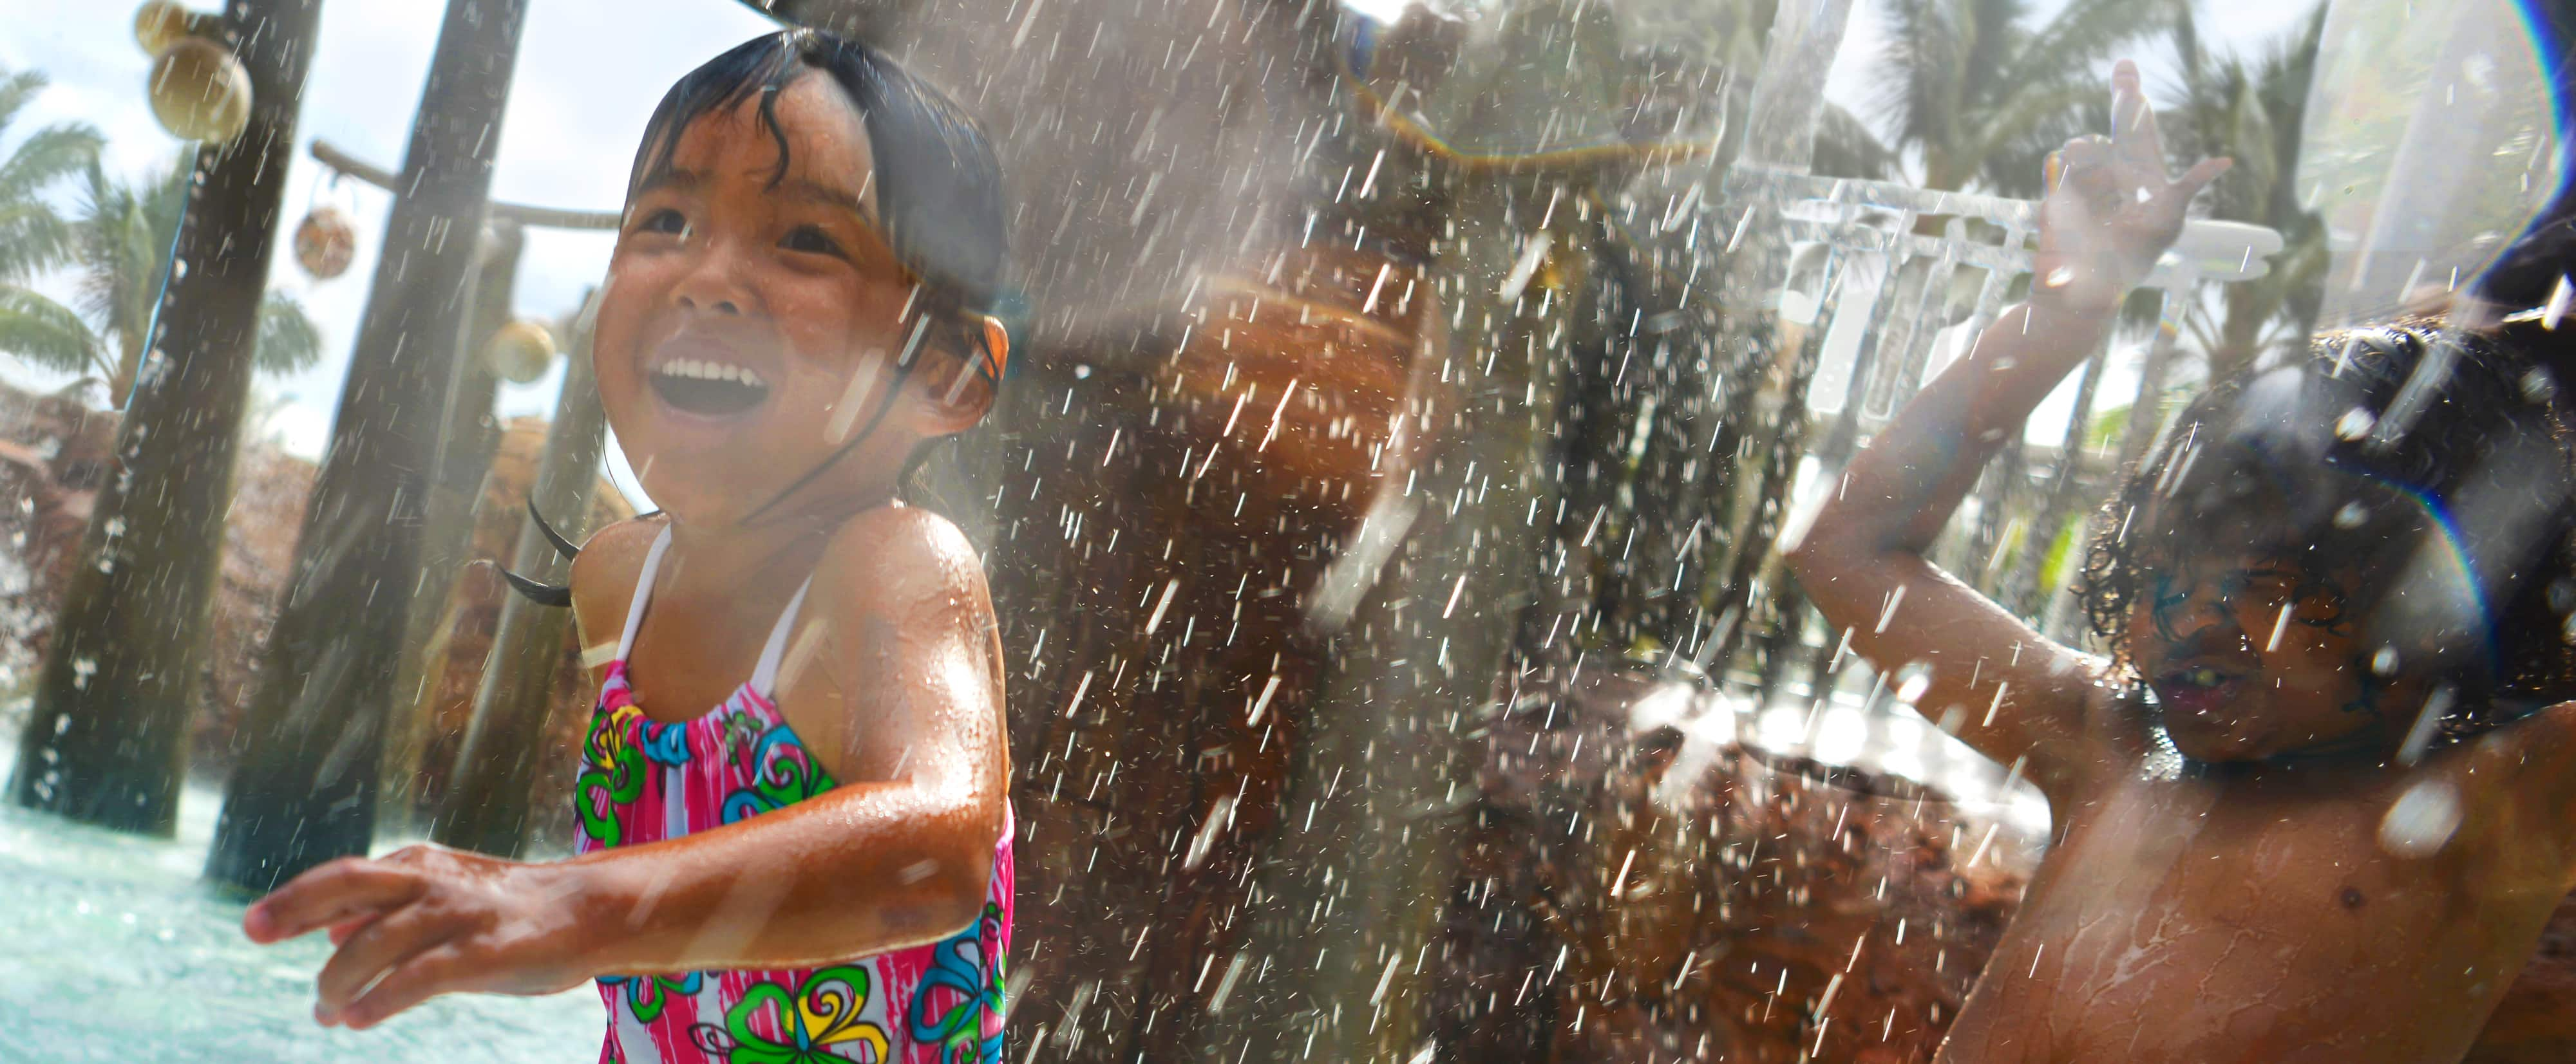 メネフネ・ブリッジのプレイエリアで、流れ落ちる水の下で笑いながら遊ぶ男の子と女の子